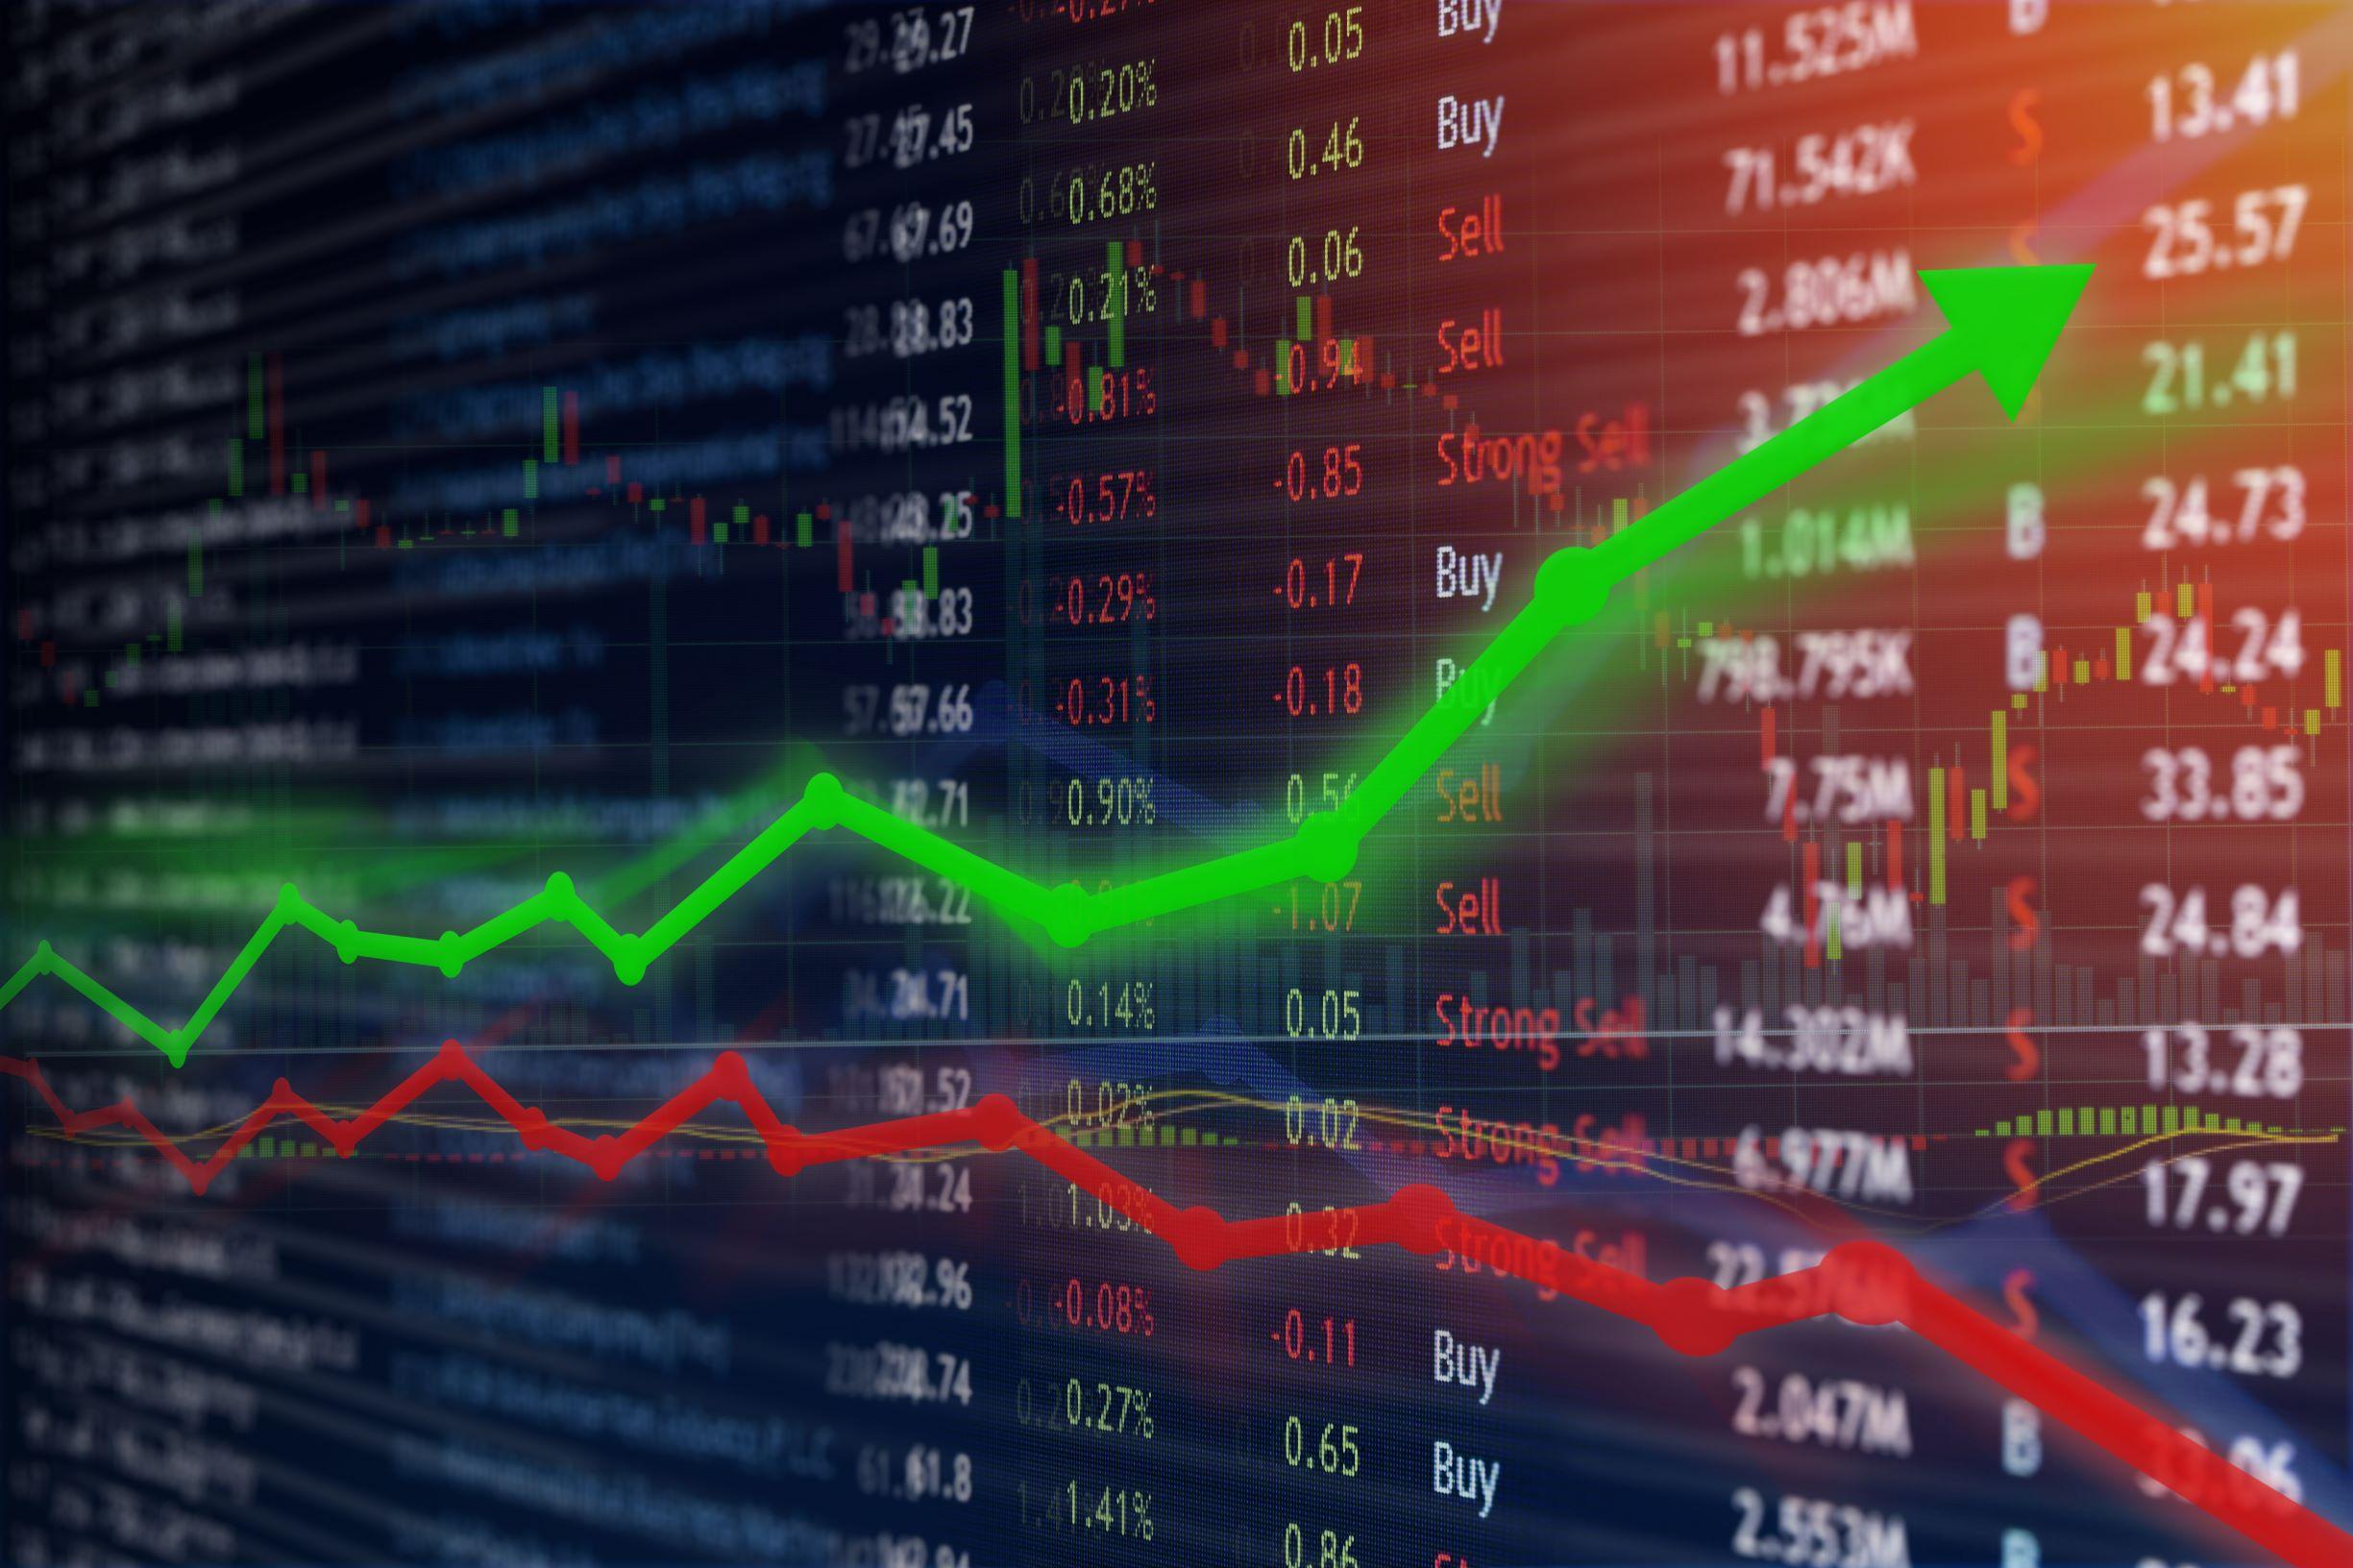 Investidor deve se antecipar a qualquer bolha financeira, diz especialista